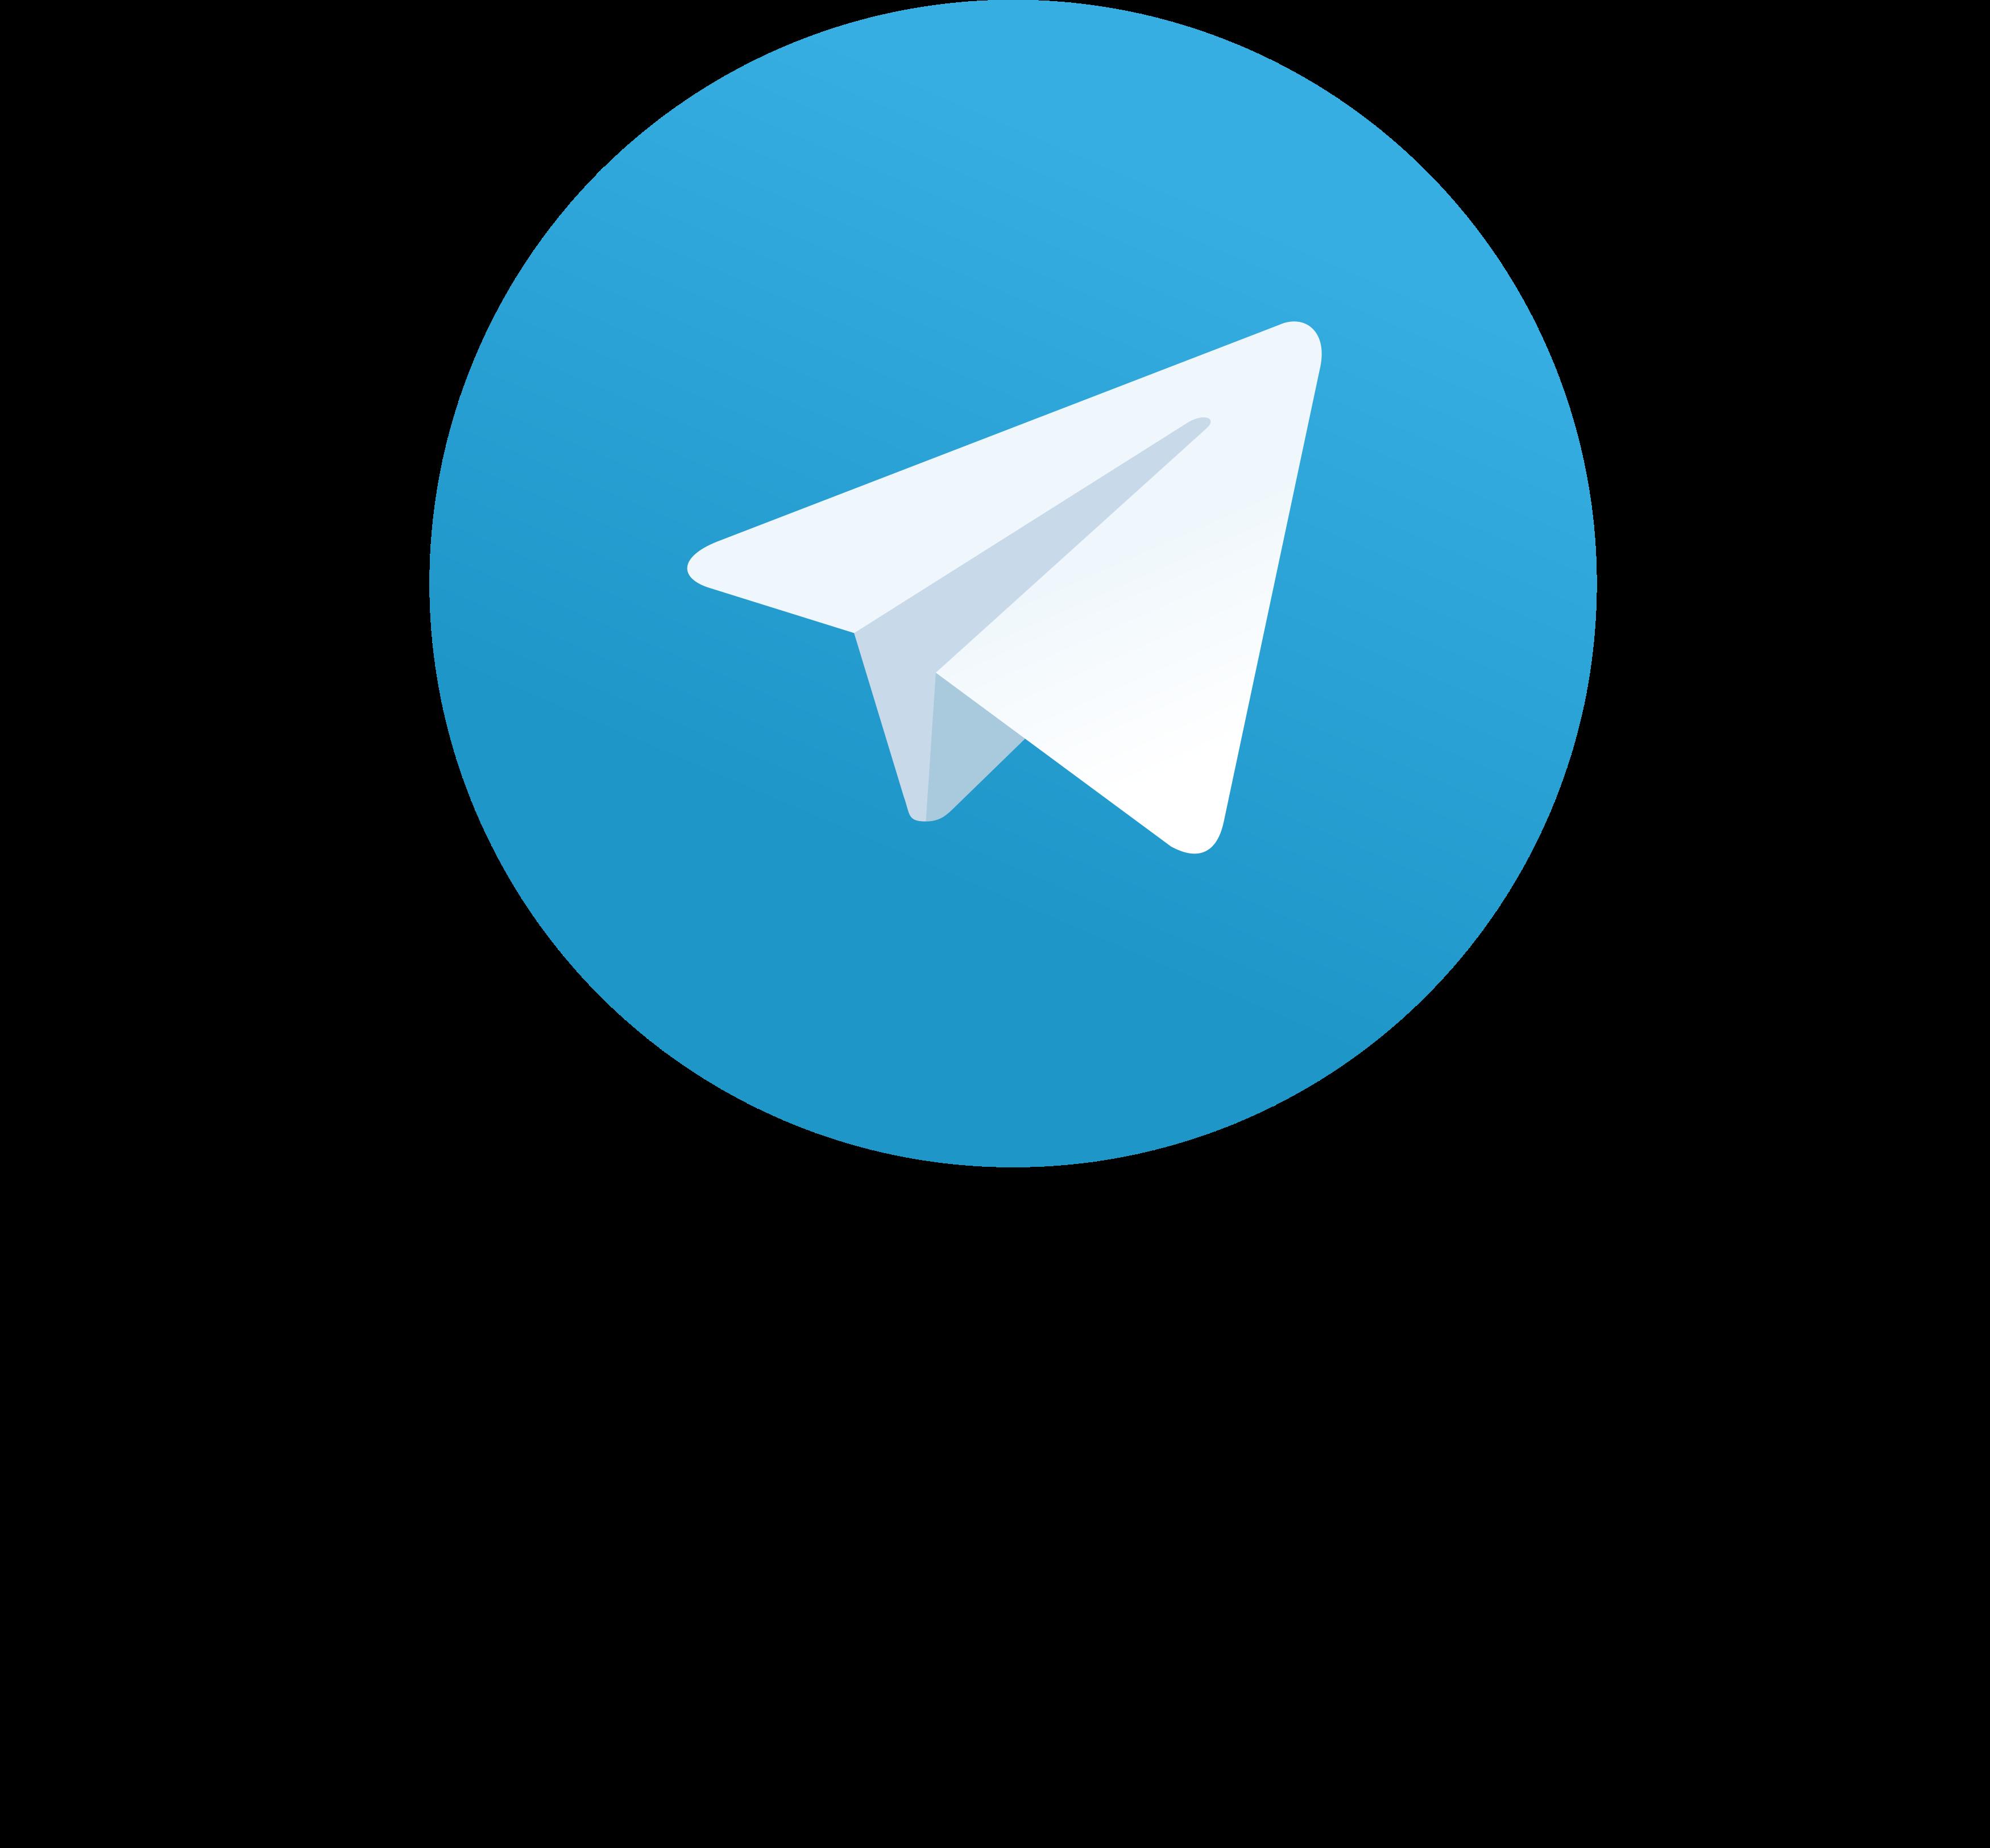 Телеграм группа сайта urjar.kz для обсуждение